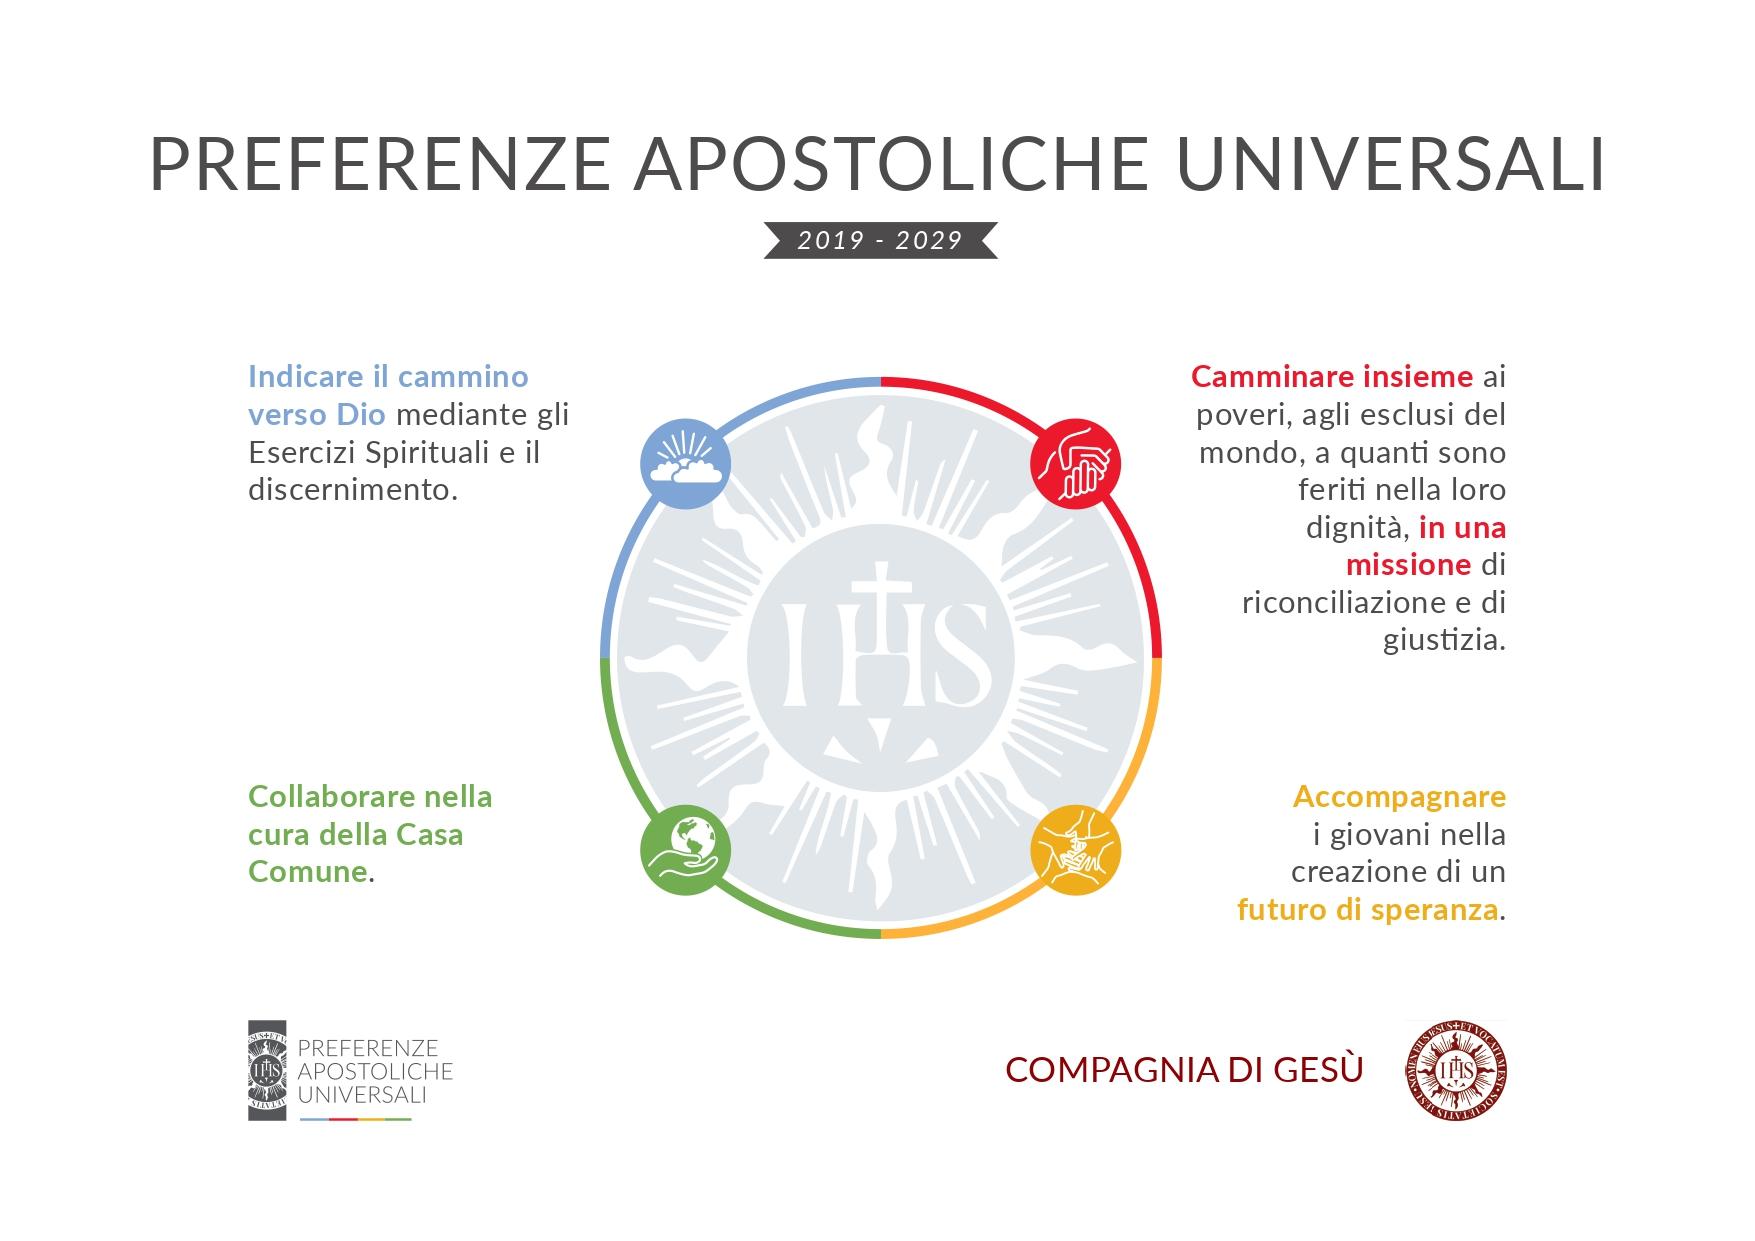 Le Preferenze Apostoliche Universali nell'Anno Ignaziano